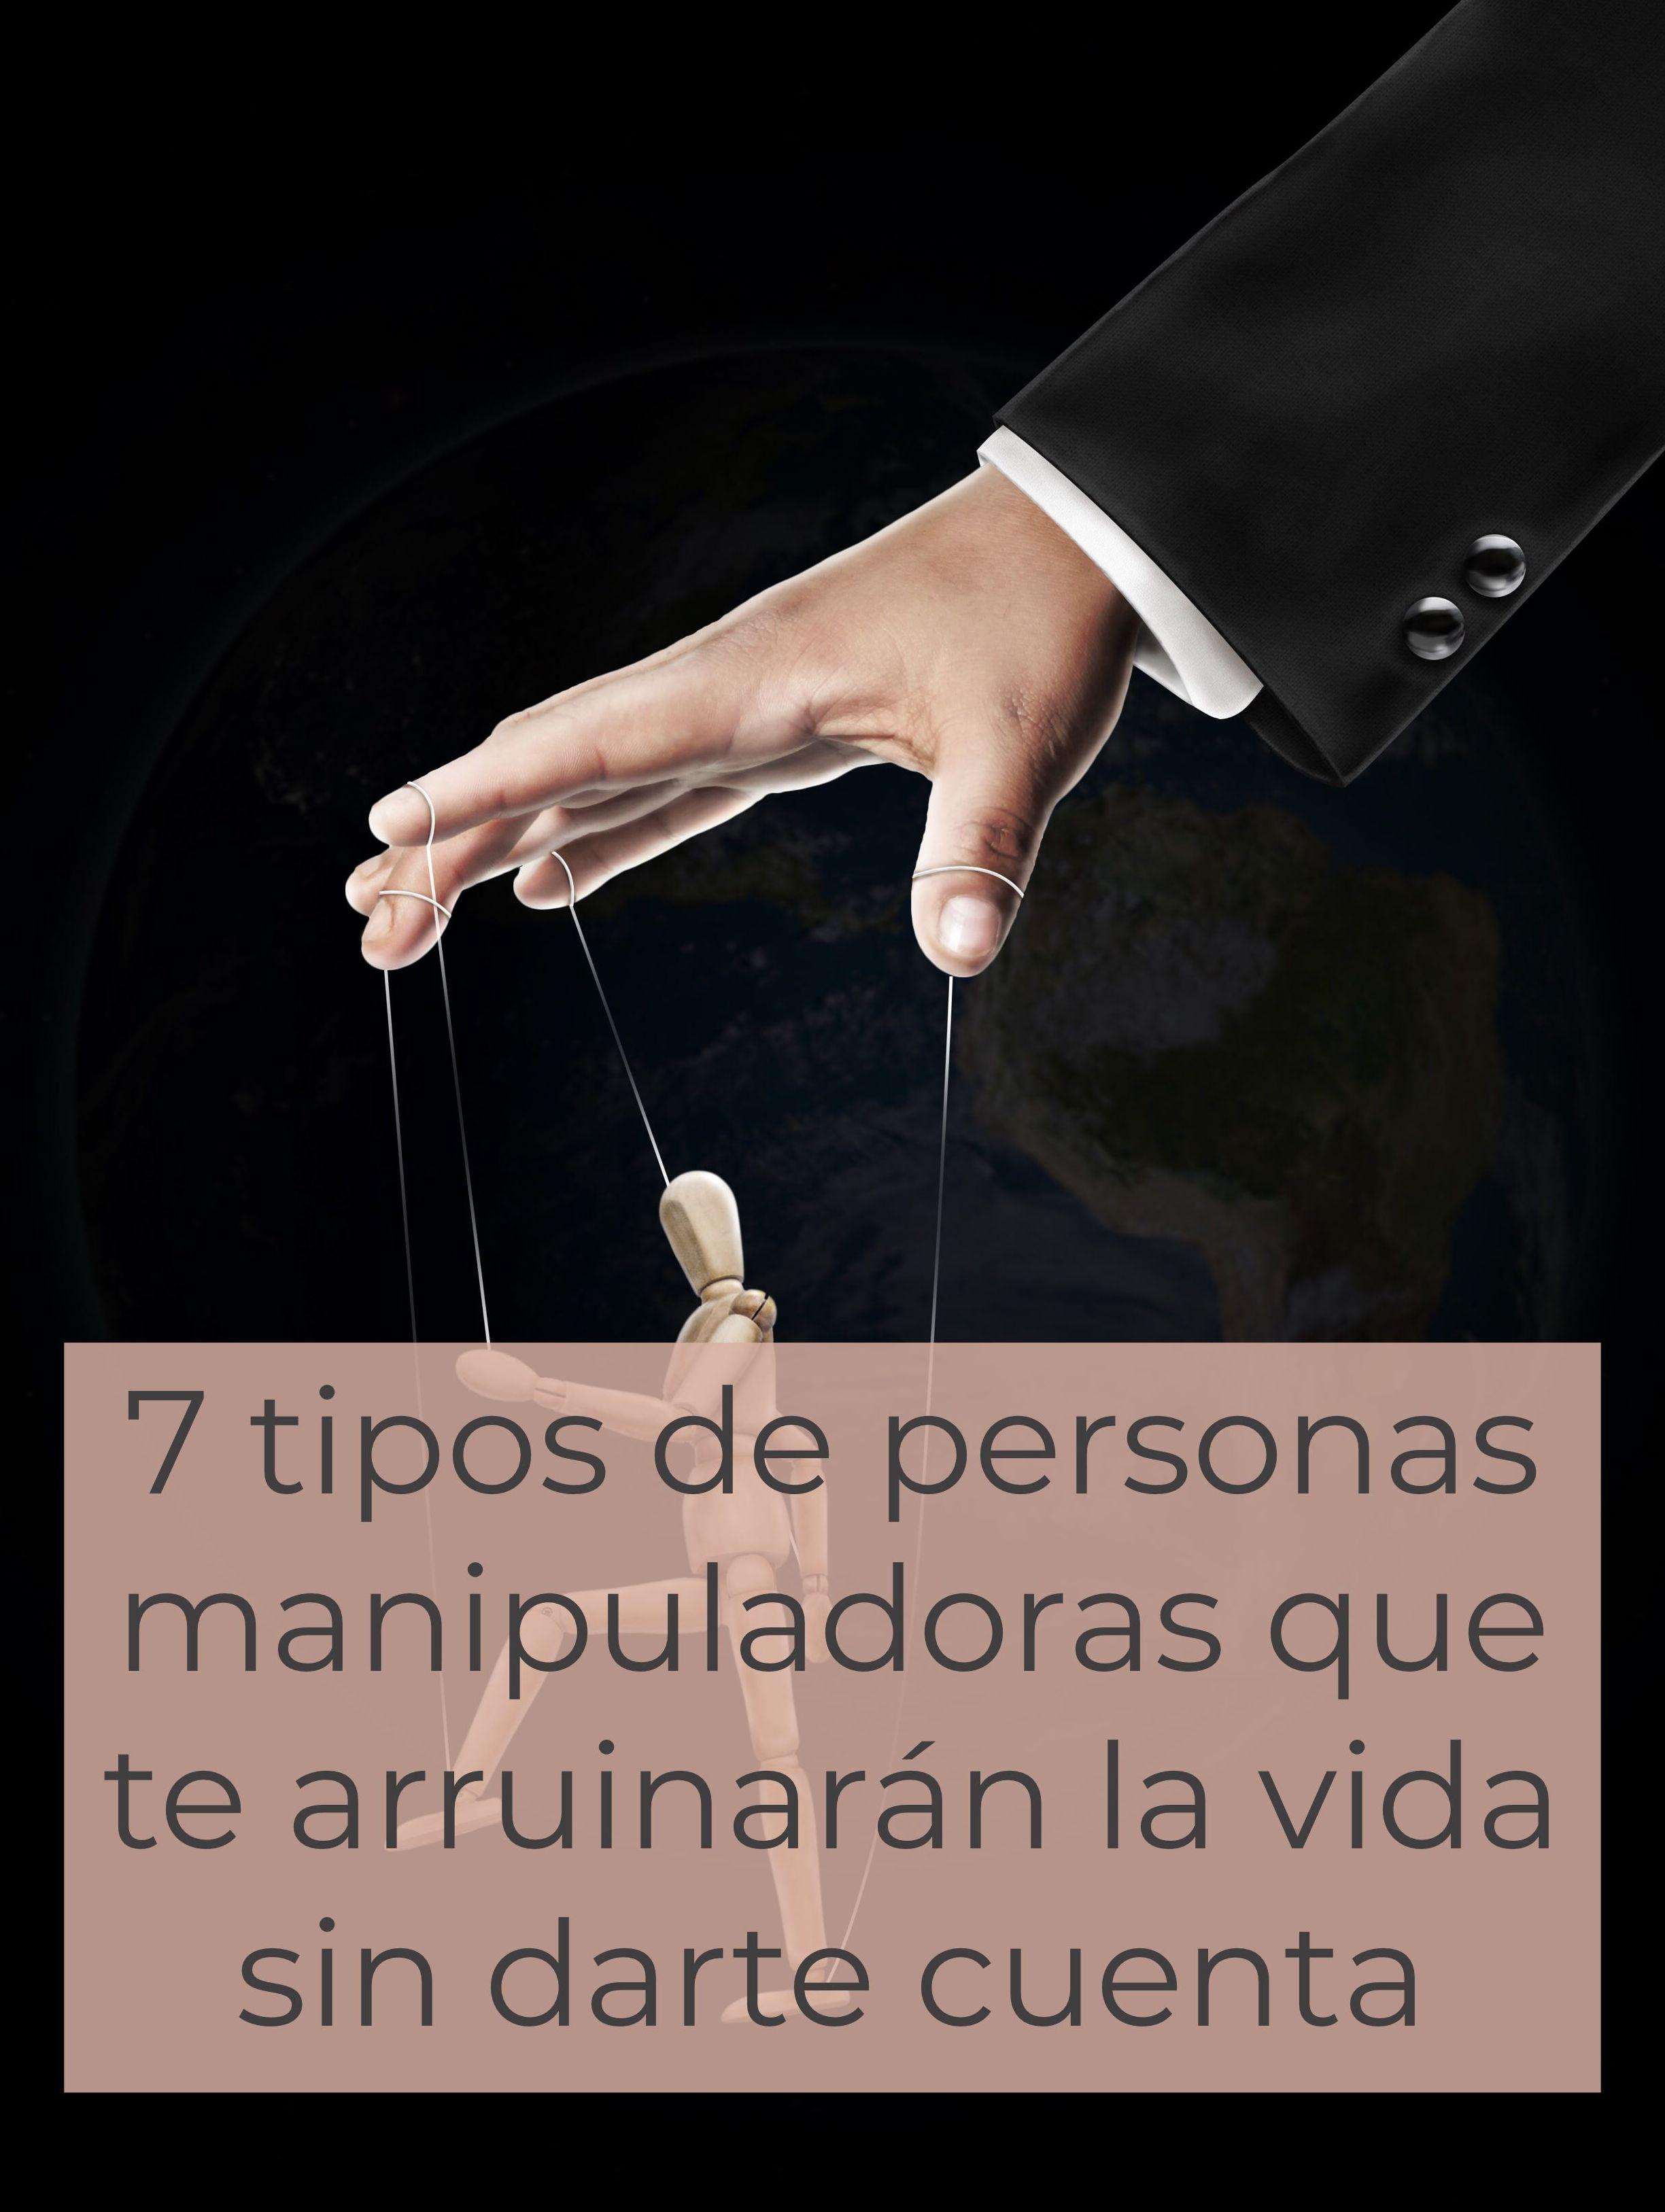 7 tipos de personas manipuladoras que te arruinarán la vida sin darte cuenta